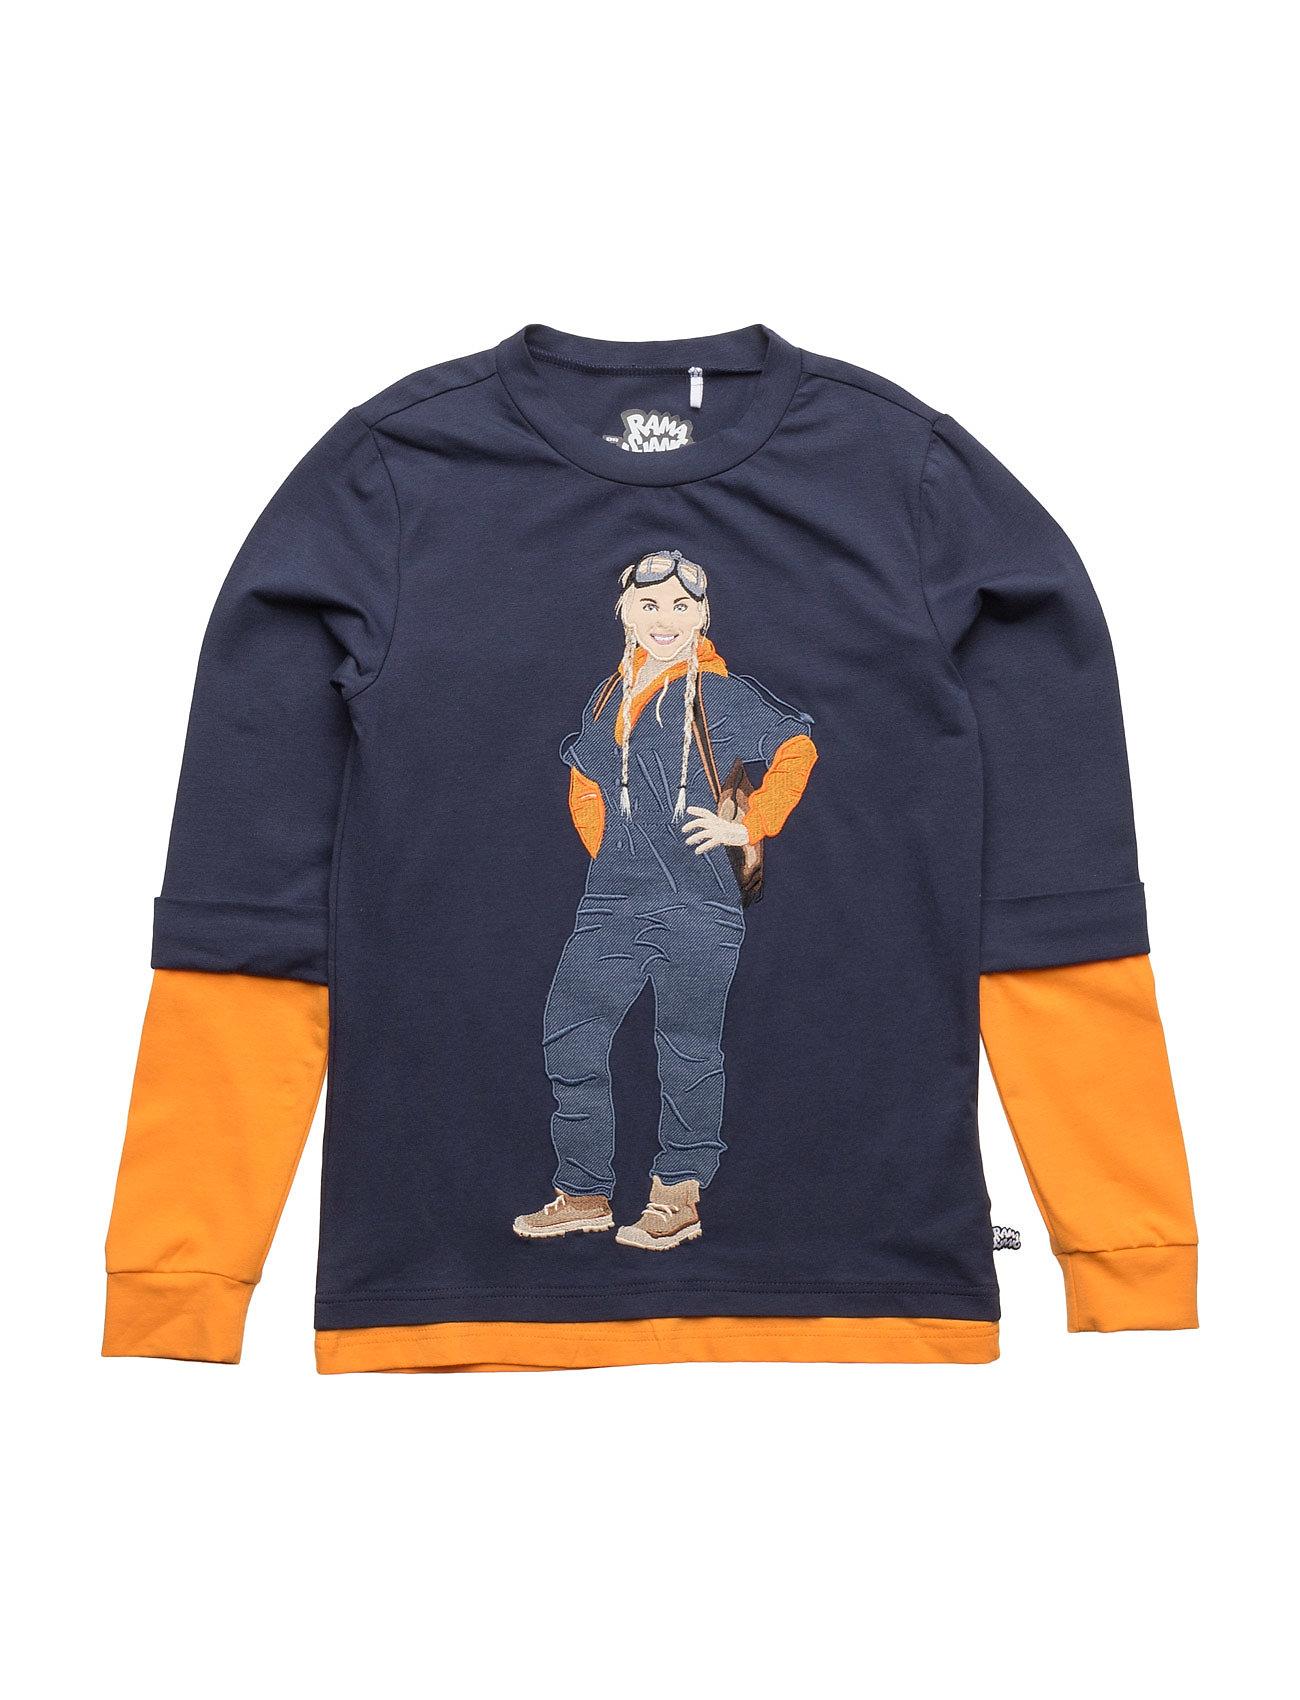 Motor Mille Lag T Ramasjang Kluns by Green Cotton Langærmede t-shirts til Børn i Navy blå